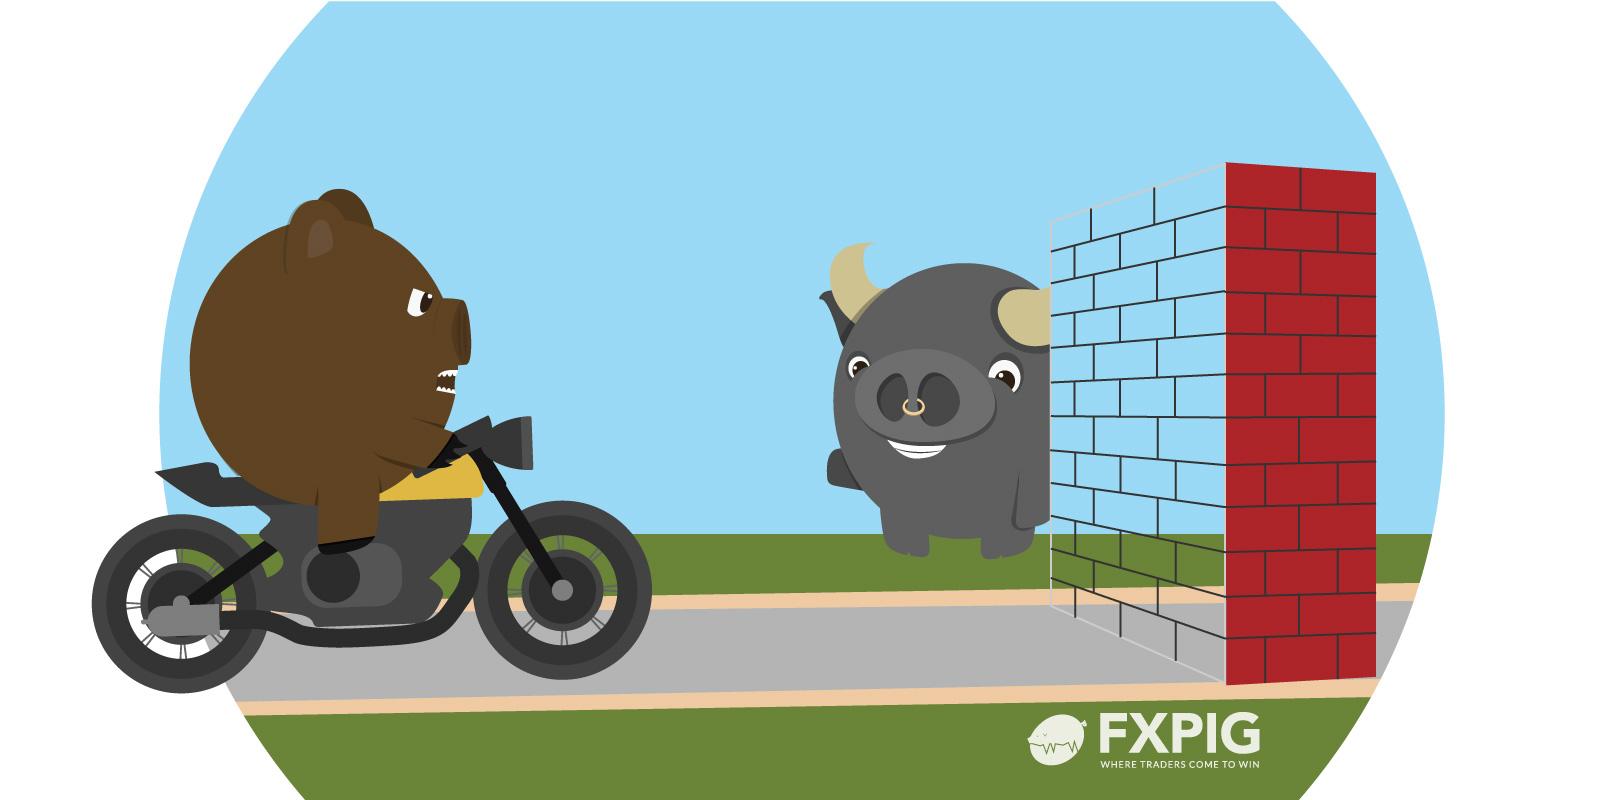 Bulls_bears-TechTargets_FXPIG_Forex